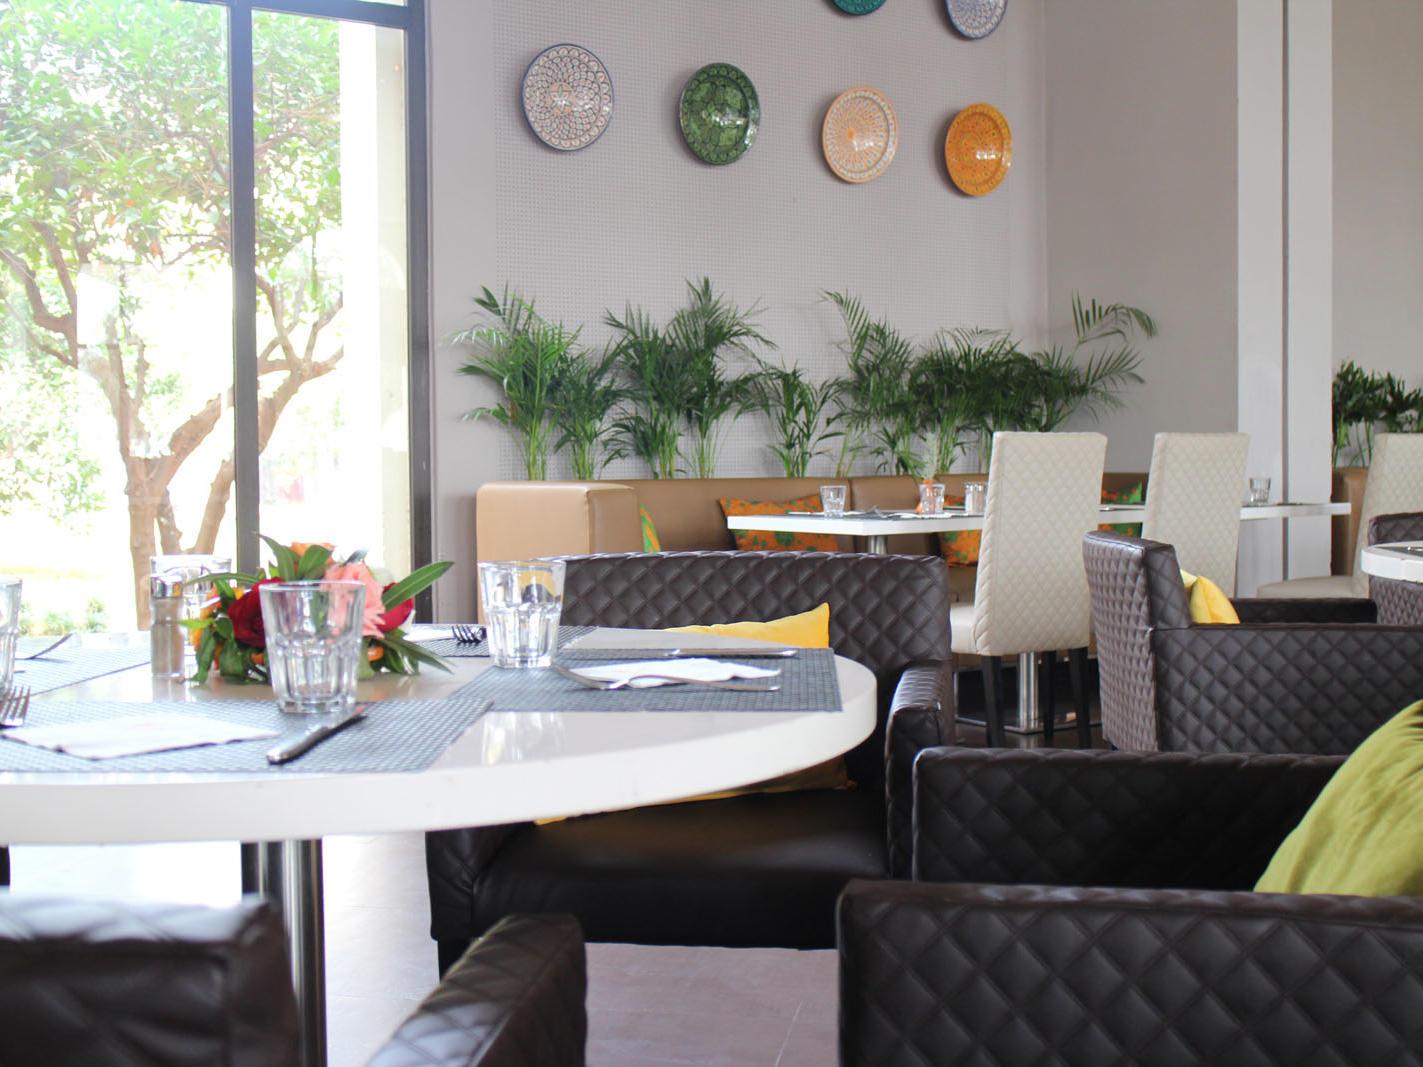 Facilities at Kenzi Hotels Group